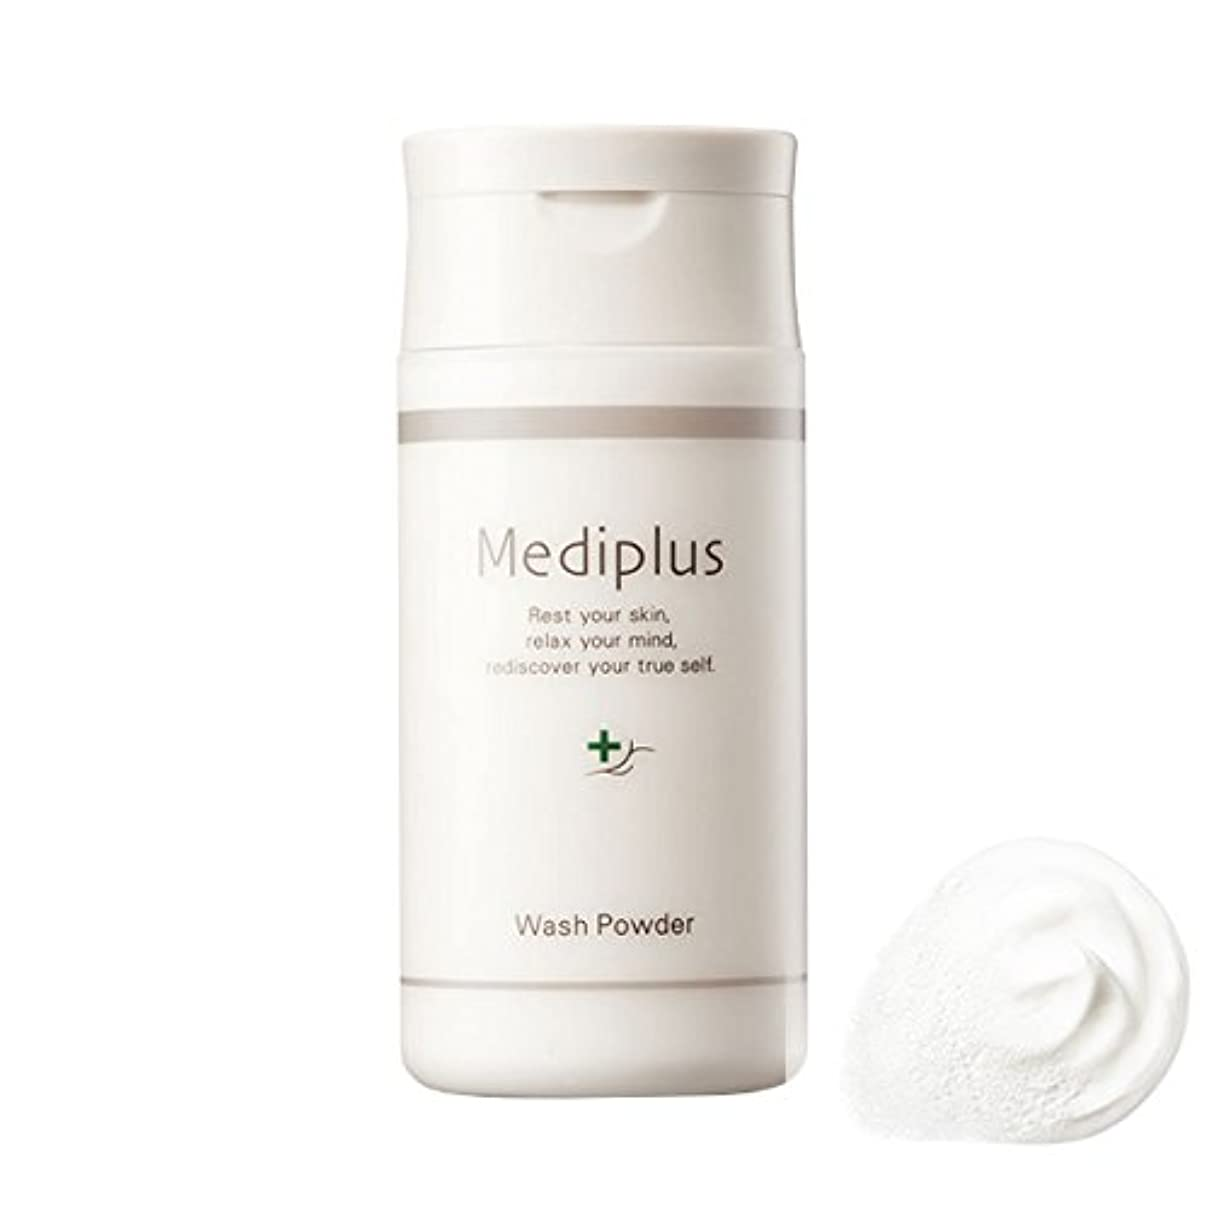 ポータルチャーム眠っている【Mediplus+】 メディプラス 酵素洗顔料 ウォッシュパウダー 60g [ パパイン酵素 毛穴ケア ]